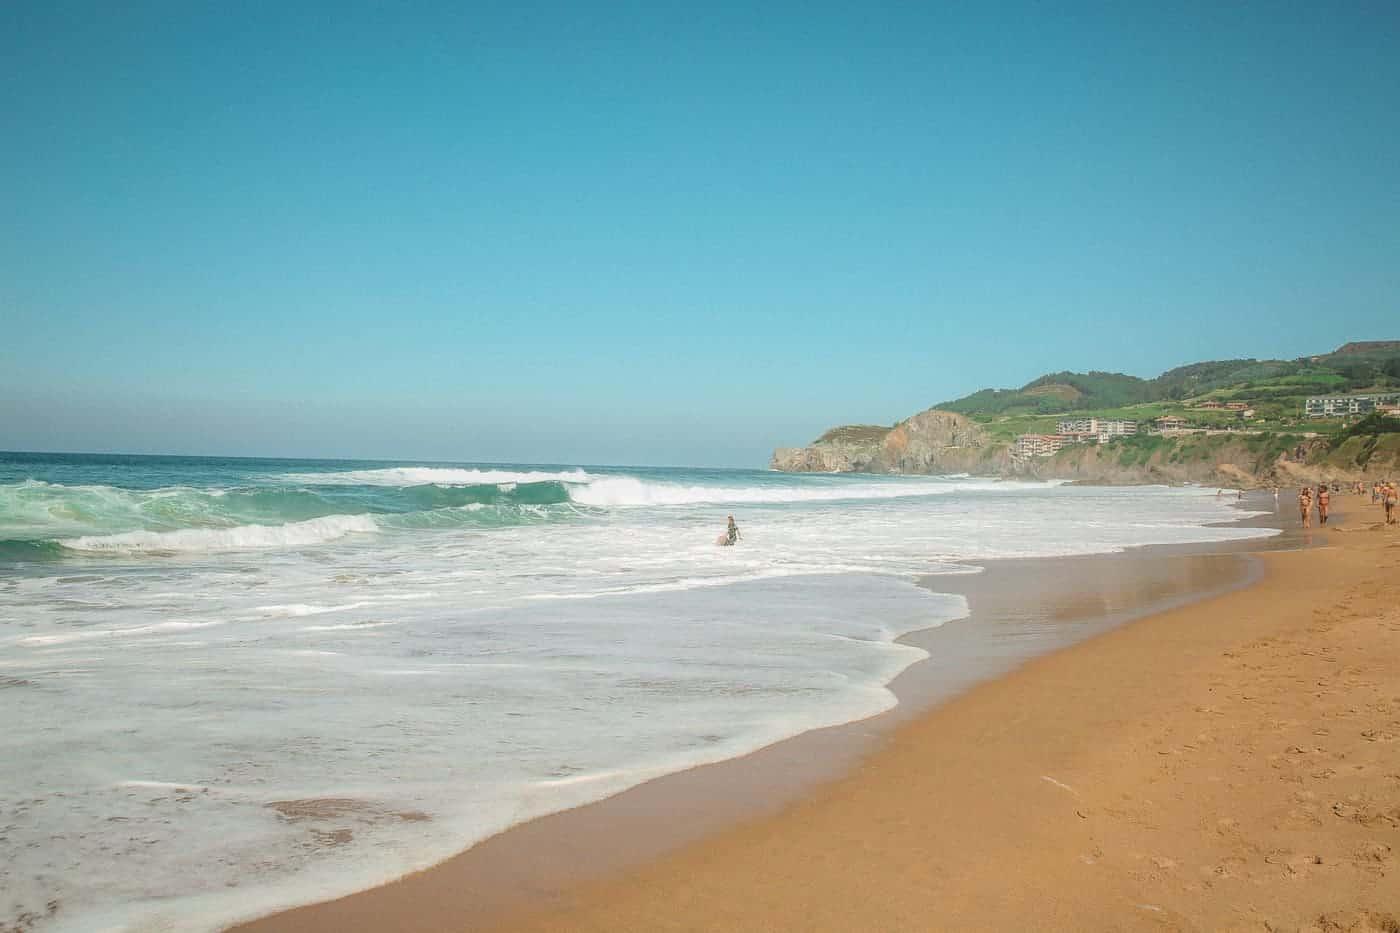 bakio beach near San Juan de gaztelugatxe